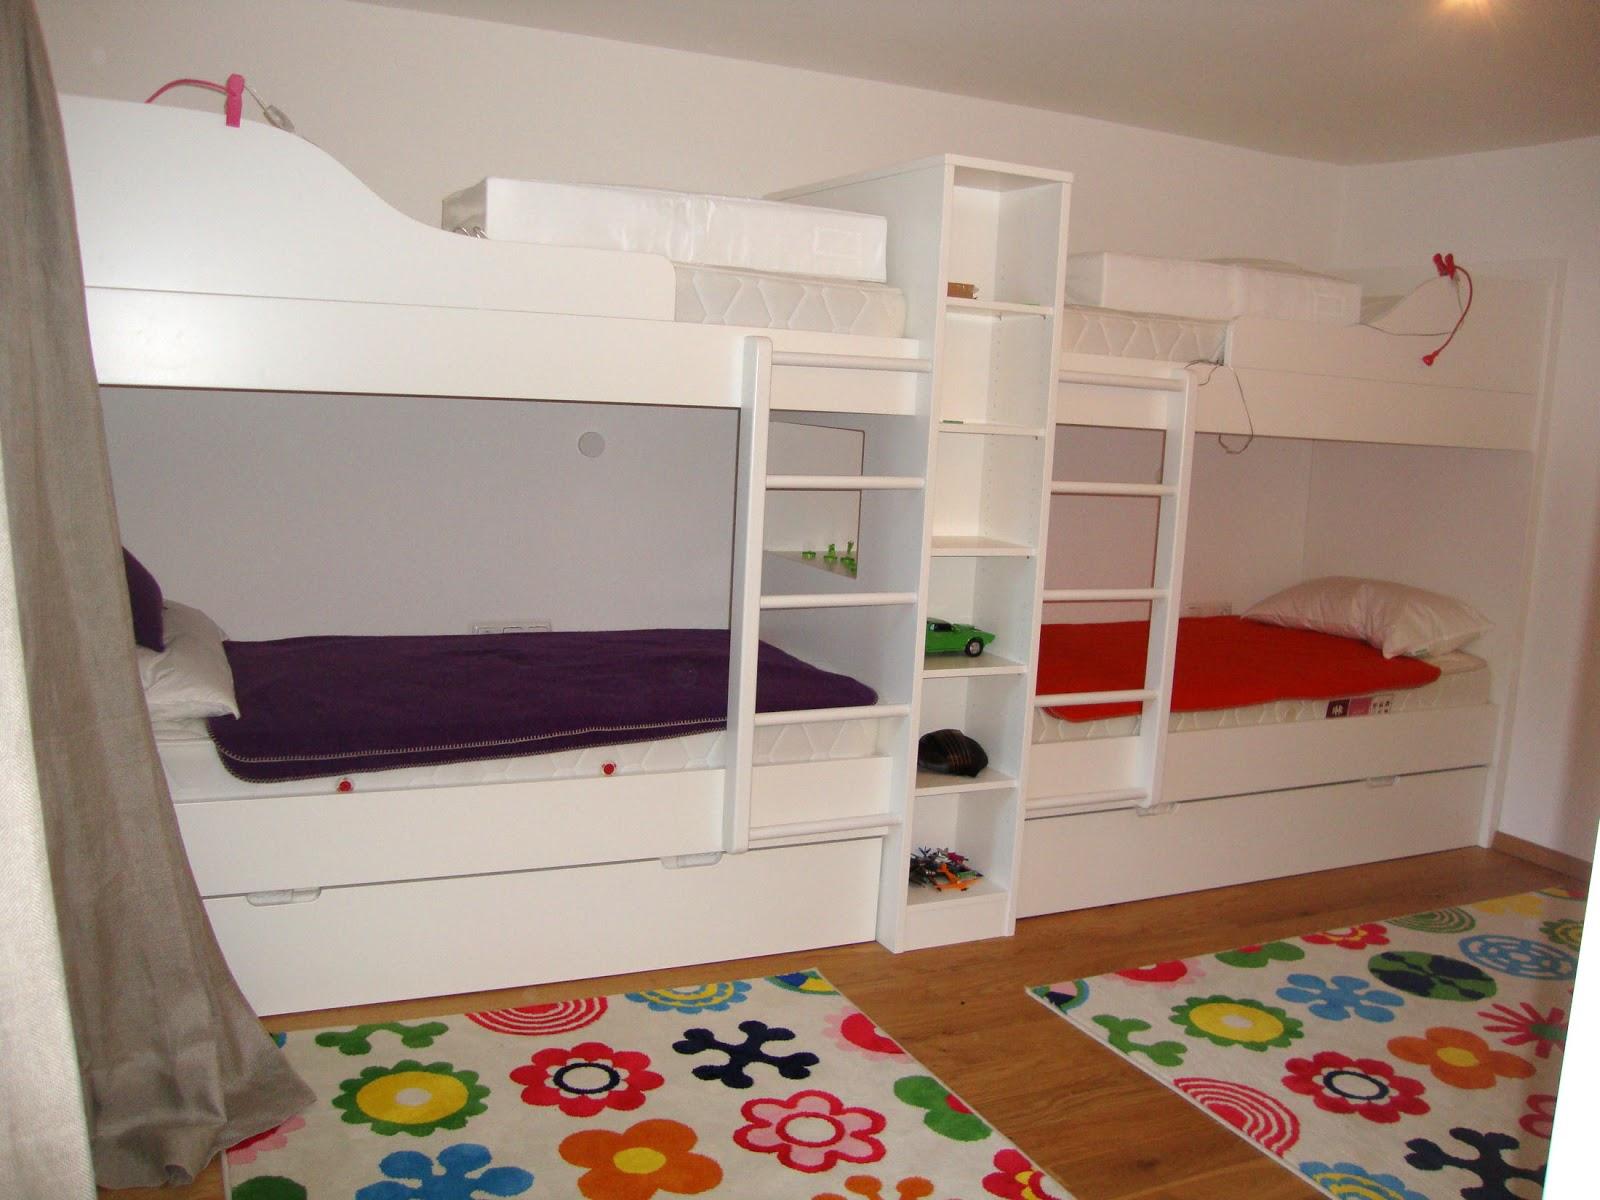 غرف نوم ثلاث اشخاص | المرسال